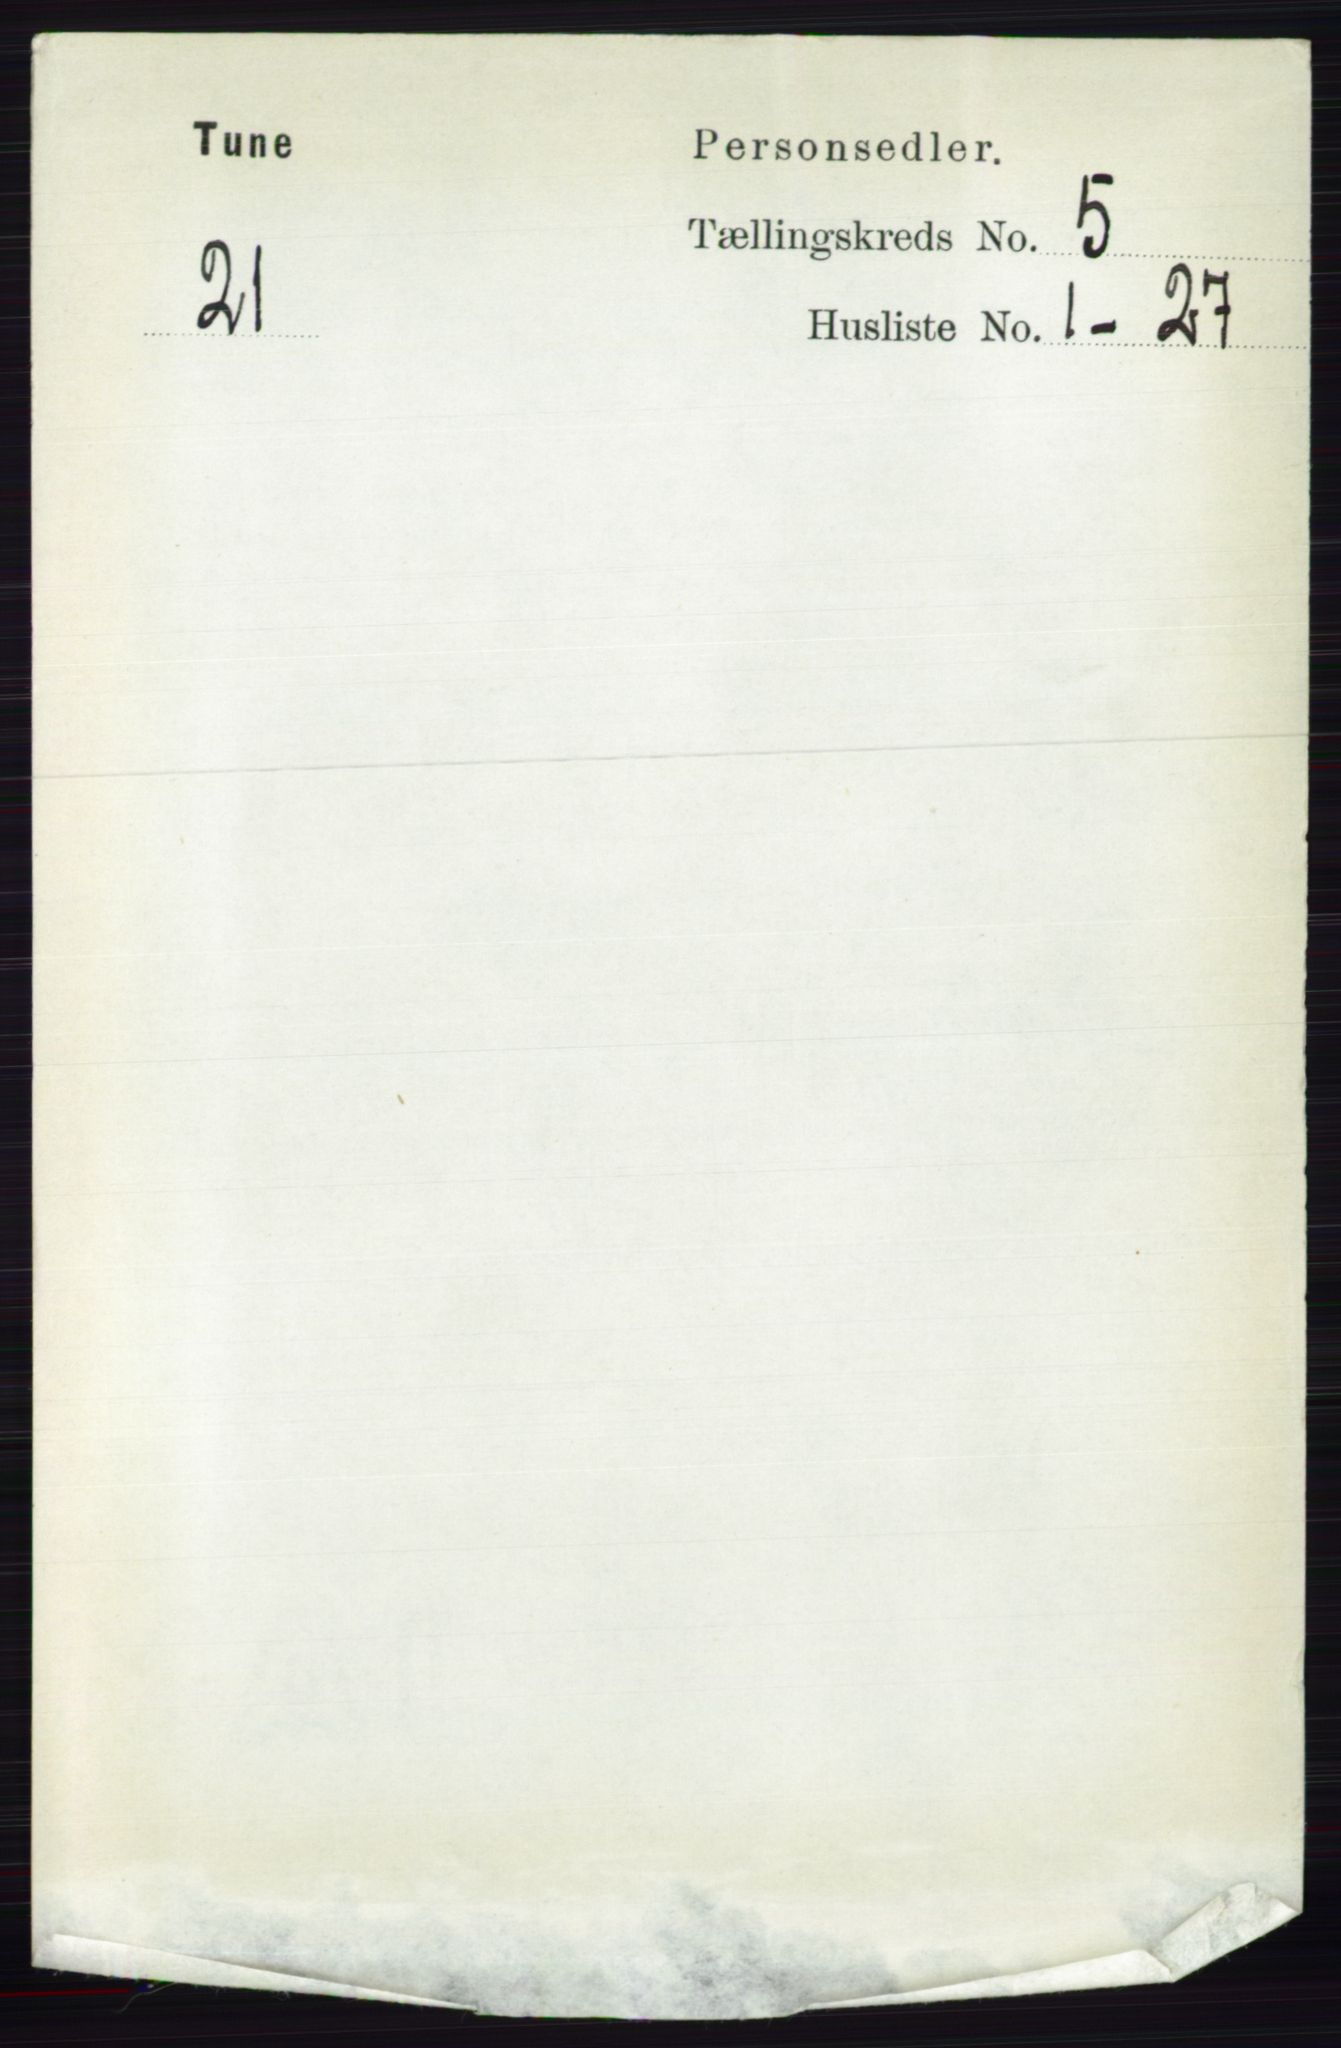 RA, Folketelling 1891 for 0130 Tune herred, 1891, s. 3271